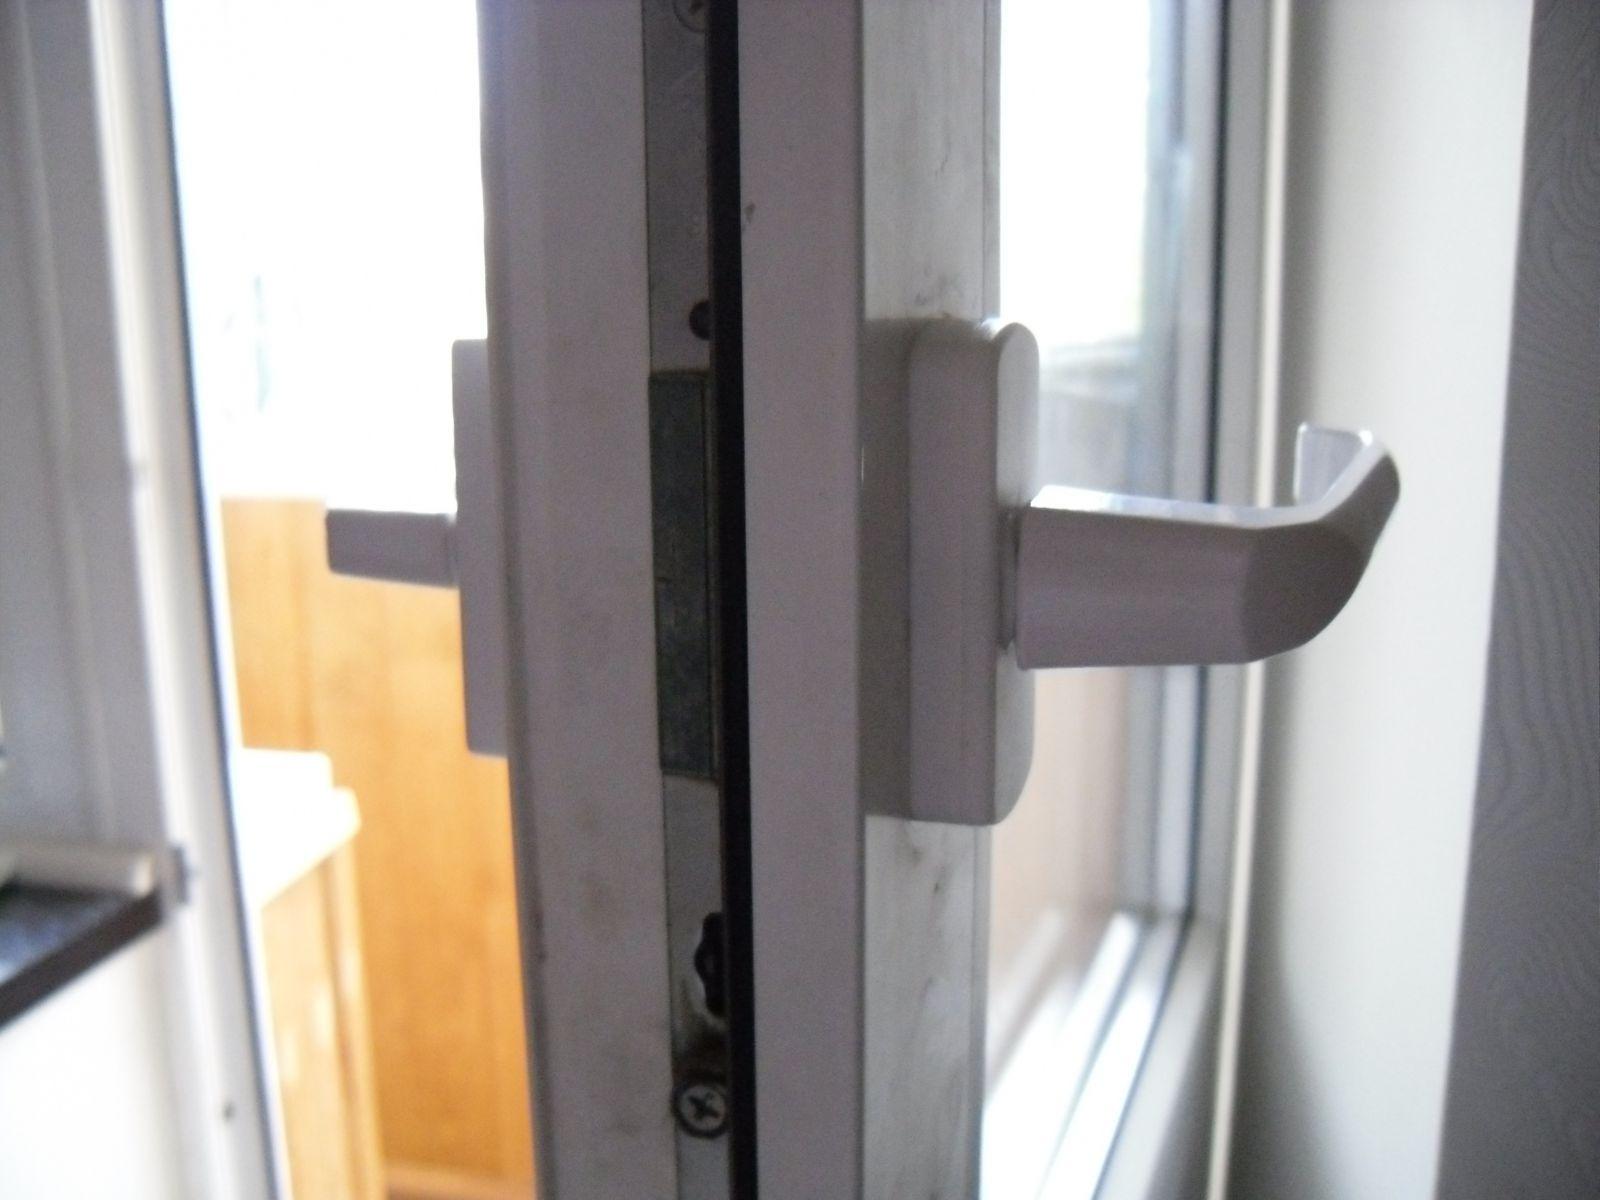 Статті про металопластикові вікна, профілі, пвх, ролети, жал.